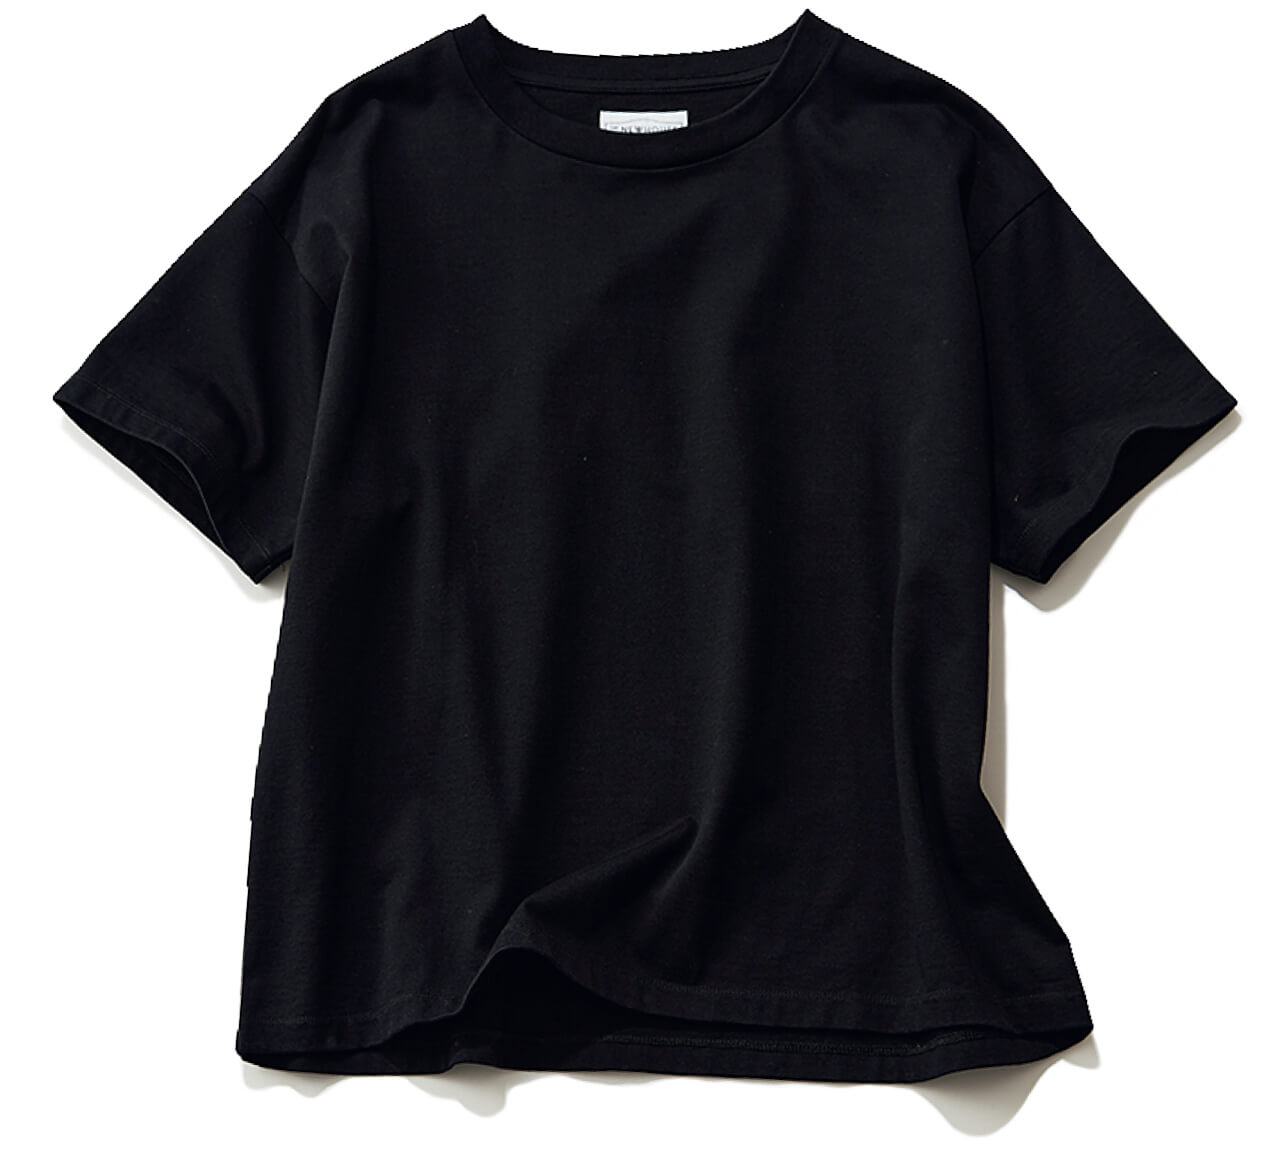 黒Tシャツ¥13200/アーク インク(ザ・ニューハウス)